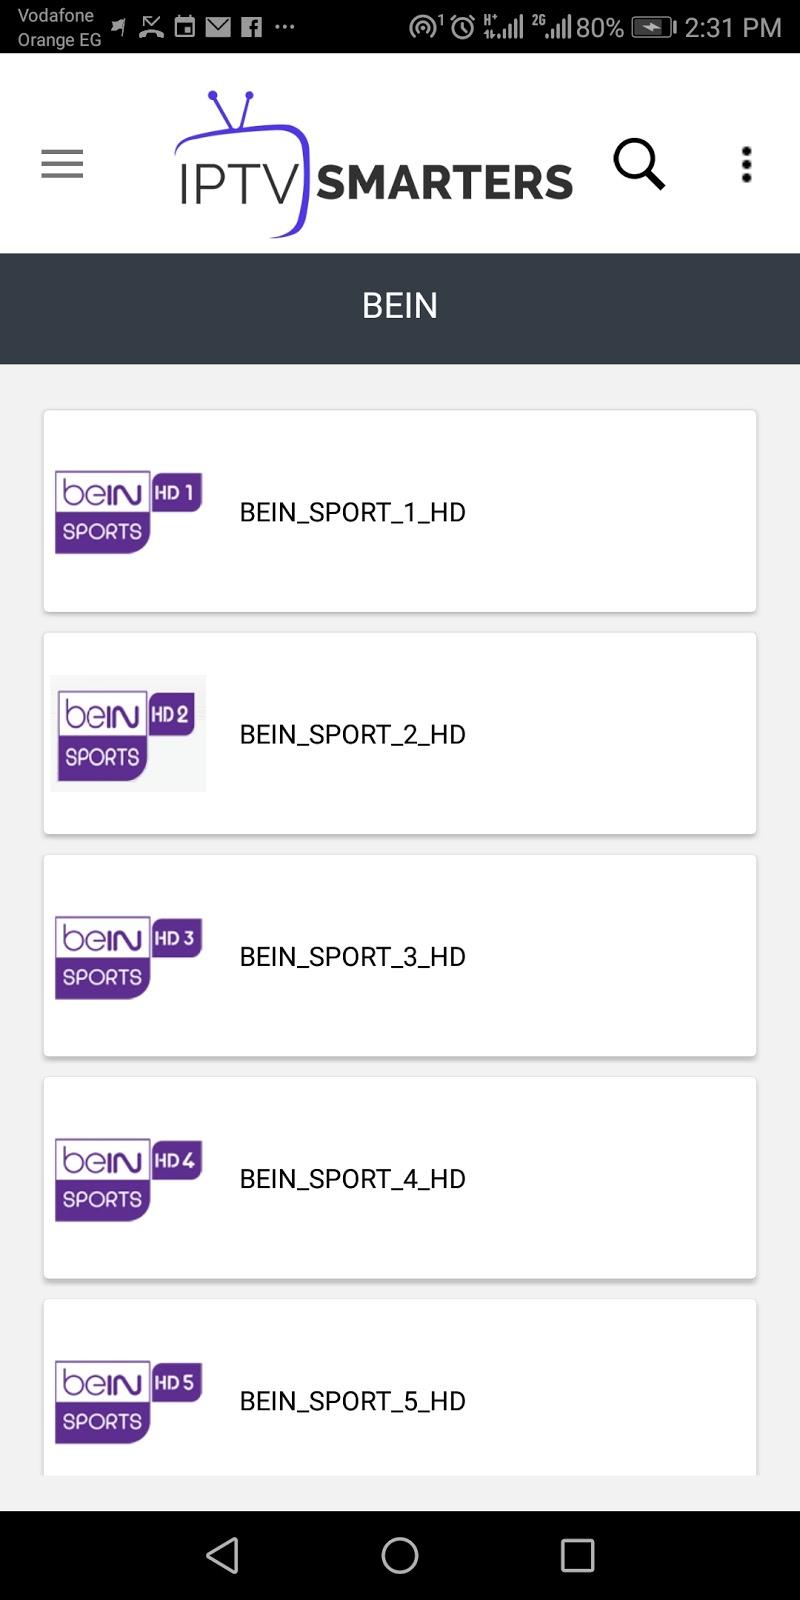 اكواد Xtream Code IptV لجميع الباقات بتاريخ 06/09/2019 | عرب